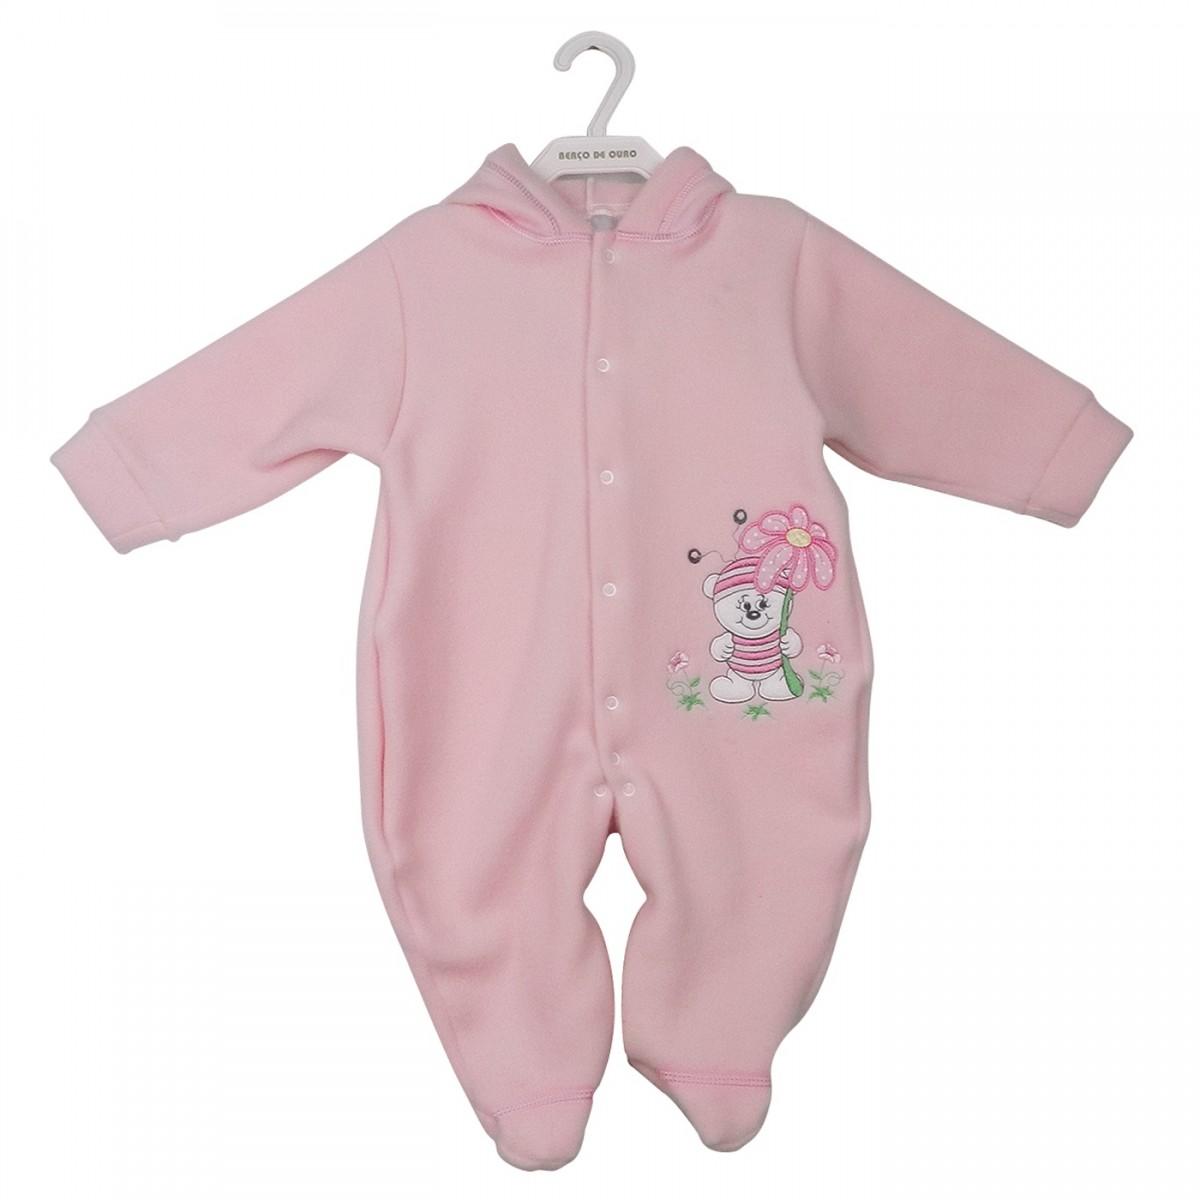 Bizz Store - Macacão Recém Nascido Berço de Ouro Soft Rosa Feminino 4a93a48932b